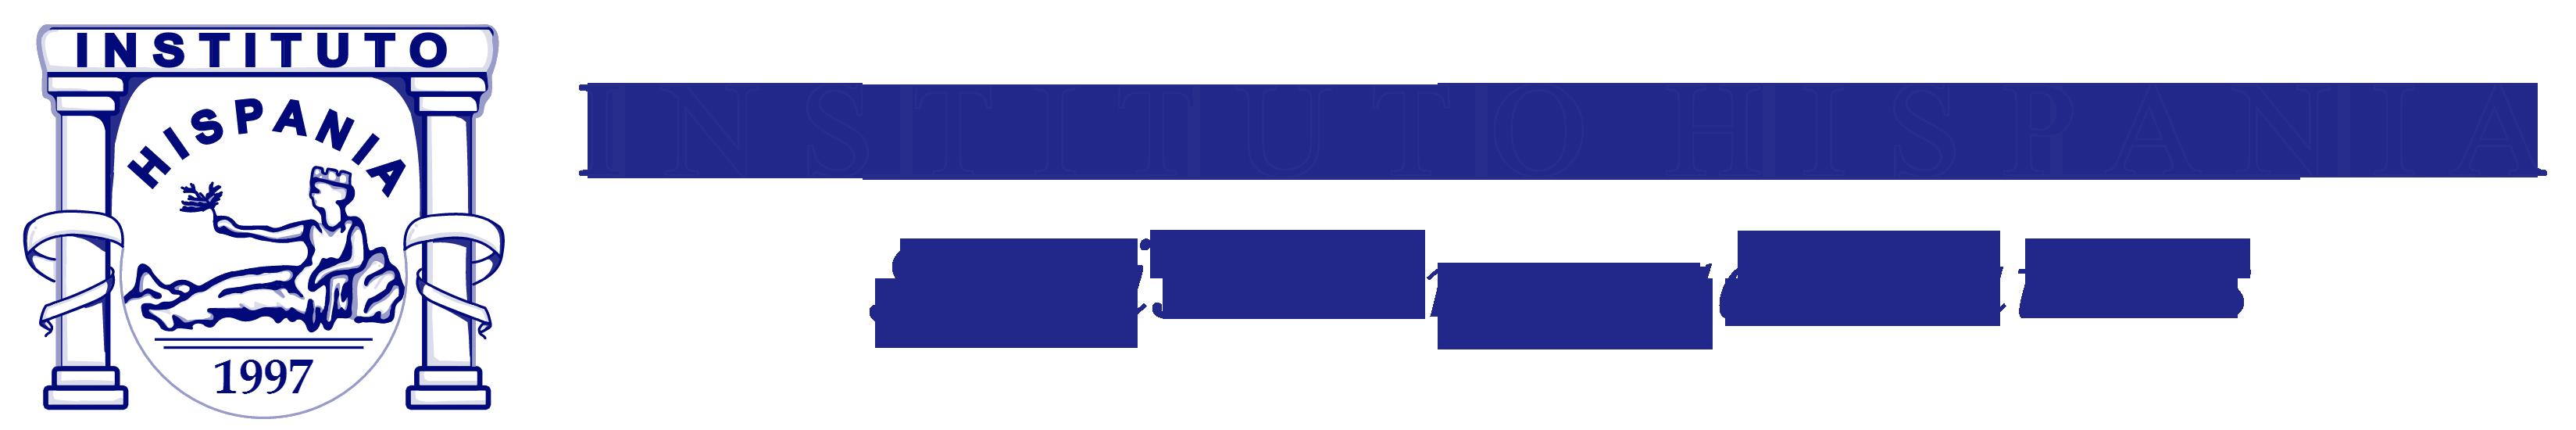 Best Institute for Foreign Languages, Andheri, Mumbai ...